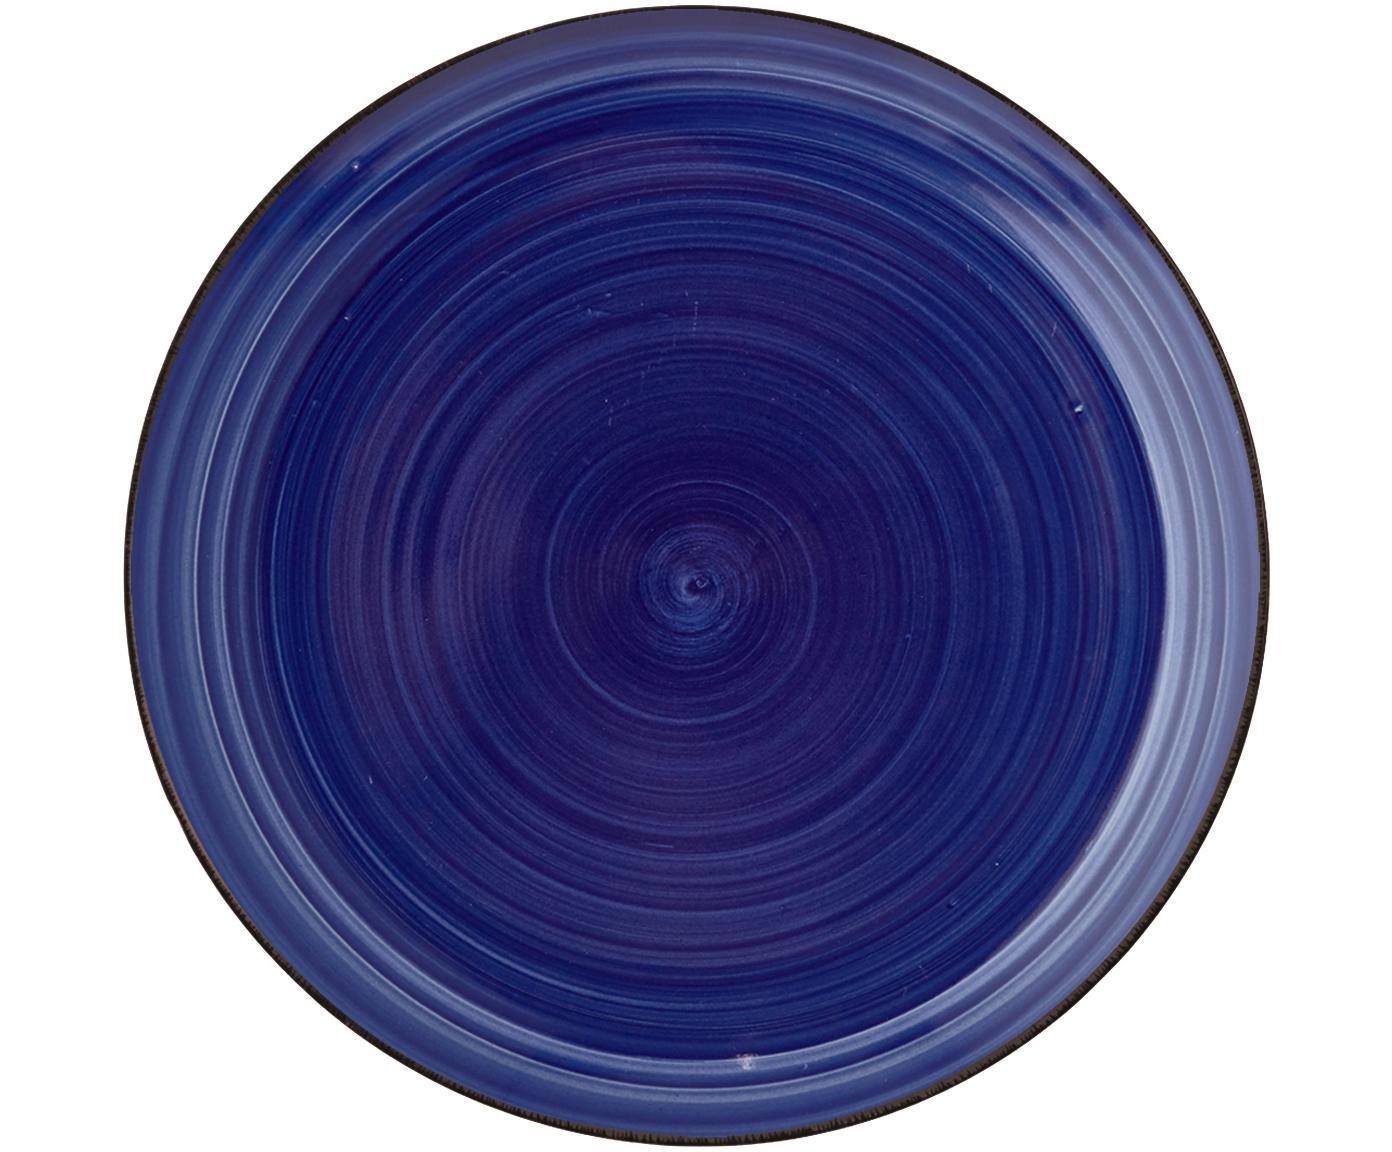 Ontbijtborden Baita, 6 stuks, Handbeschilderde keramiek (hard dolomiet), Blauw, Ø 20 cm